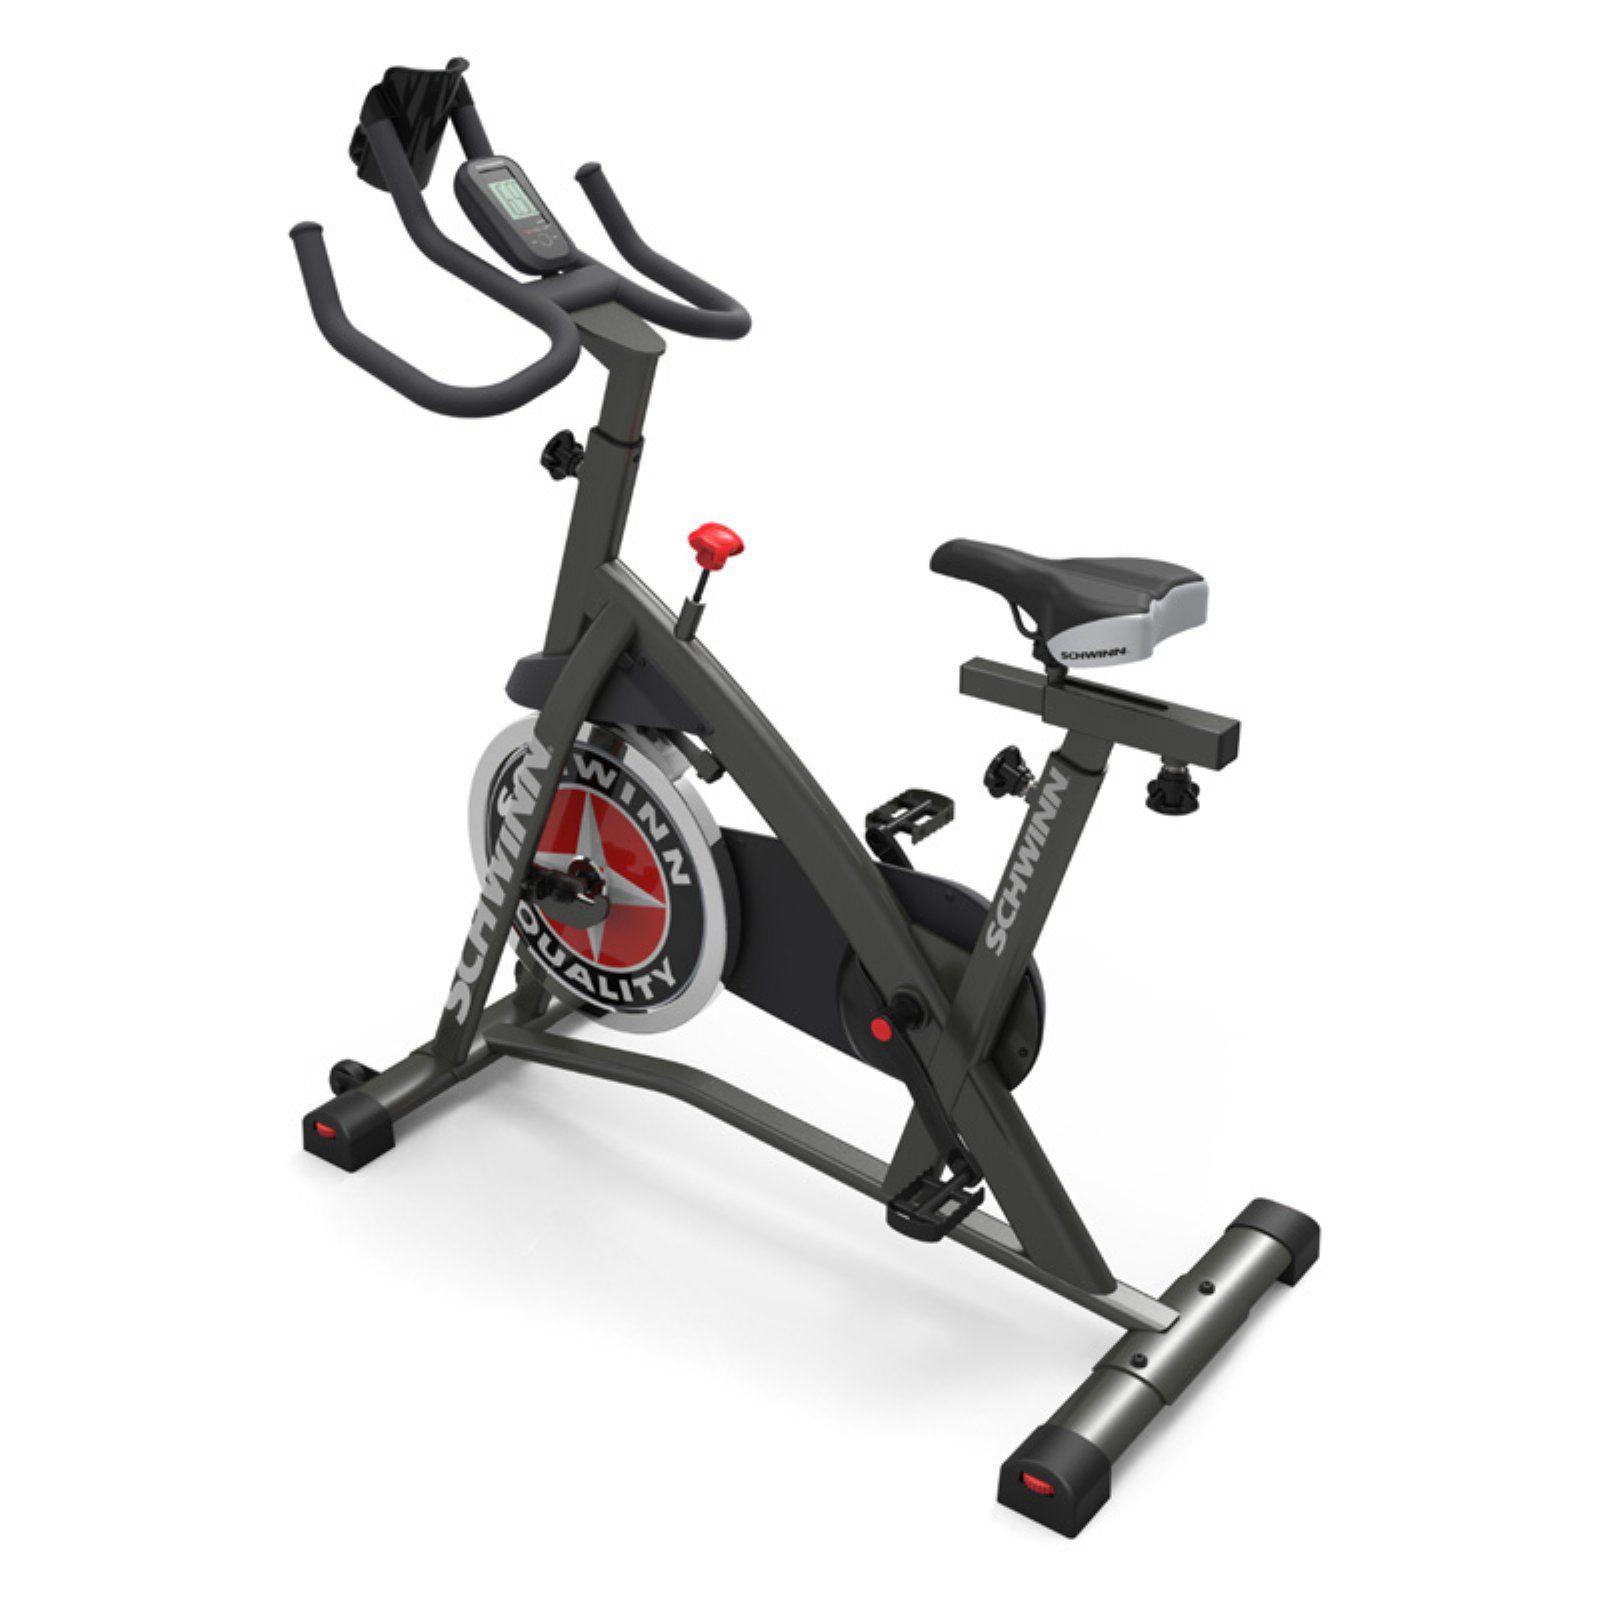 Schwinn Ic2 Indoor Cycling Bike Biking Workout Best Exercise Bike Indoor Cycling Bike